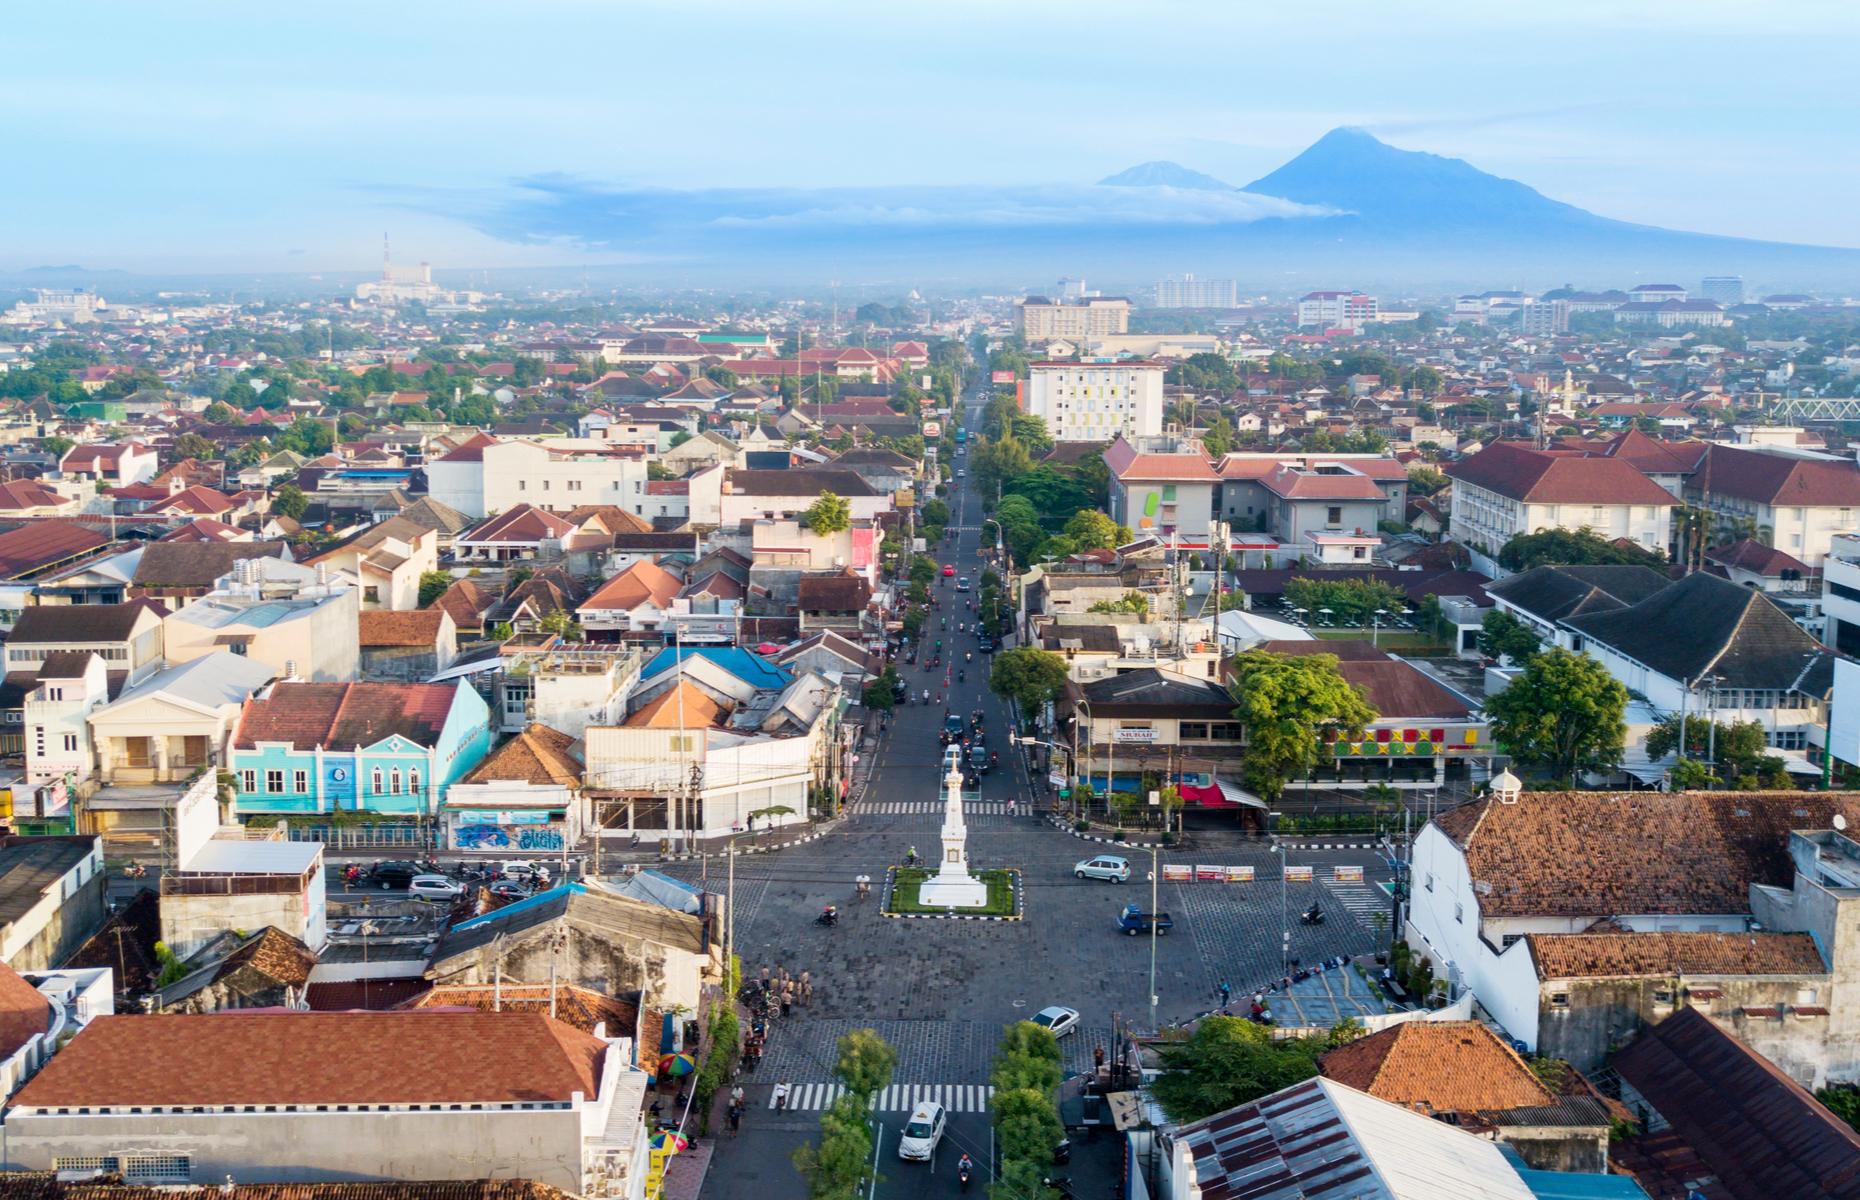 Yogyakarta City (Image: Creativa Images/Shutterstock)